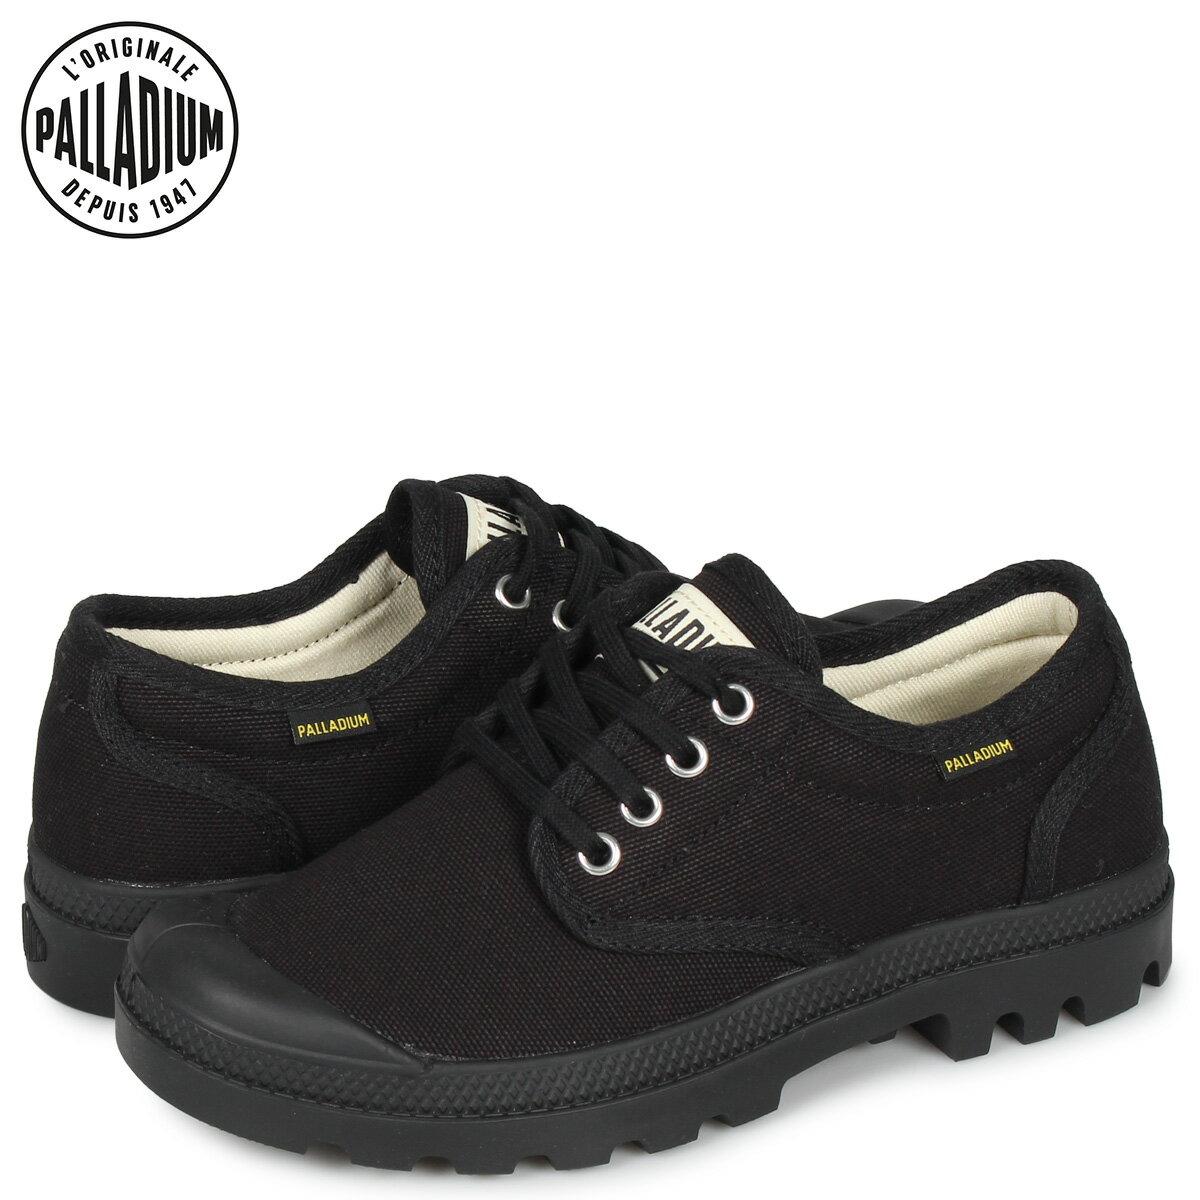 メンズ靴, スニーカー 2000OFF PALLADIUM PAMPA OX ORIGINALE 75331-060